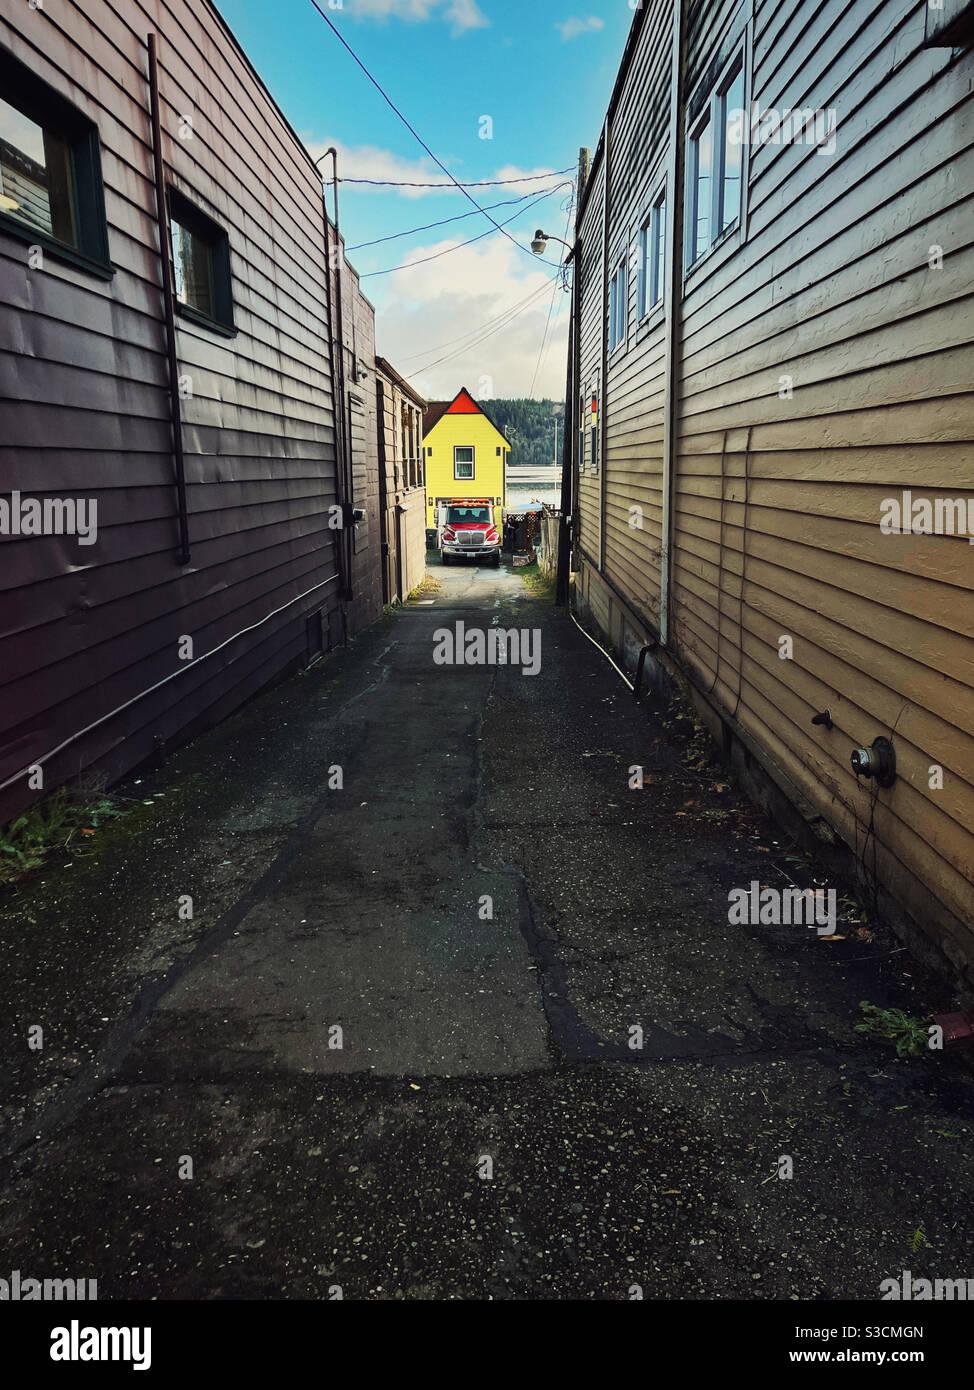 Piccola casa gialla Foto Stock